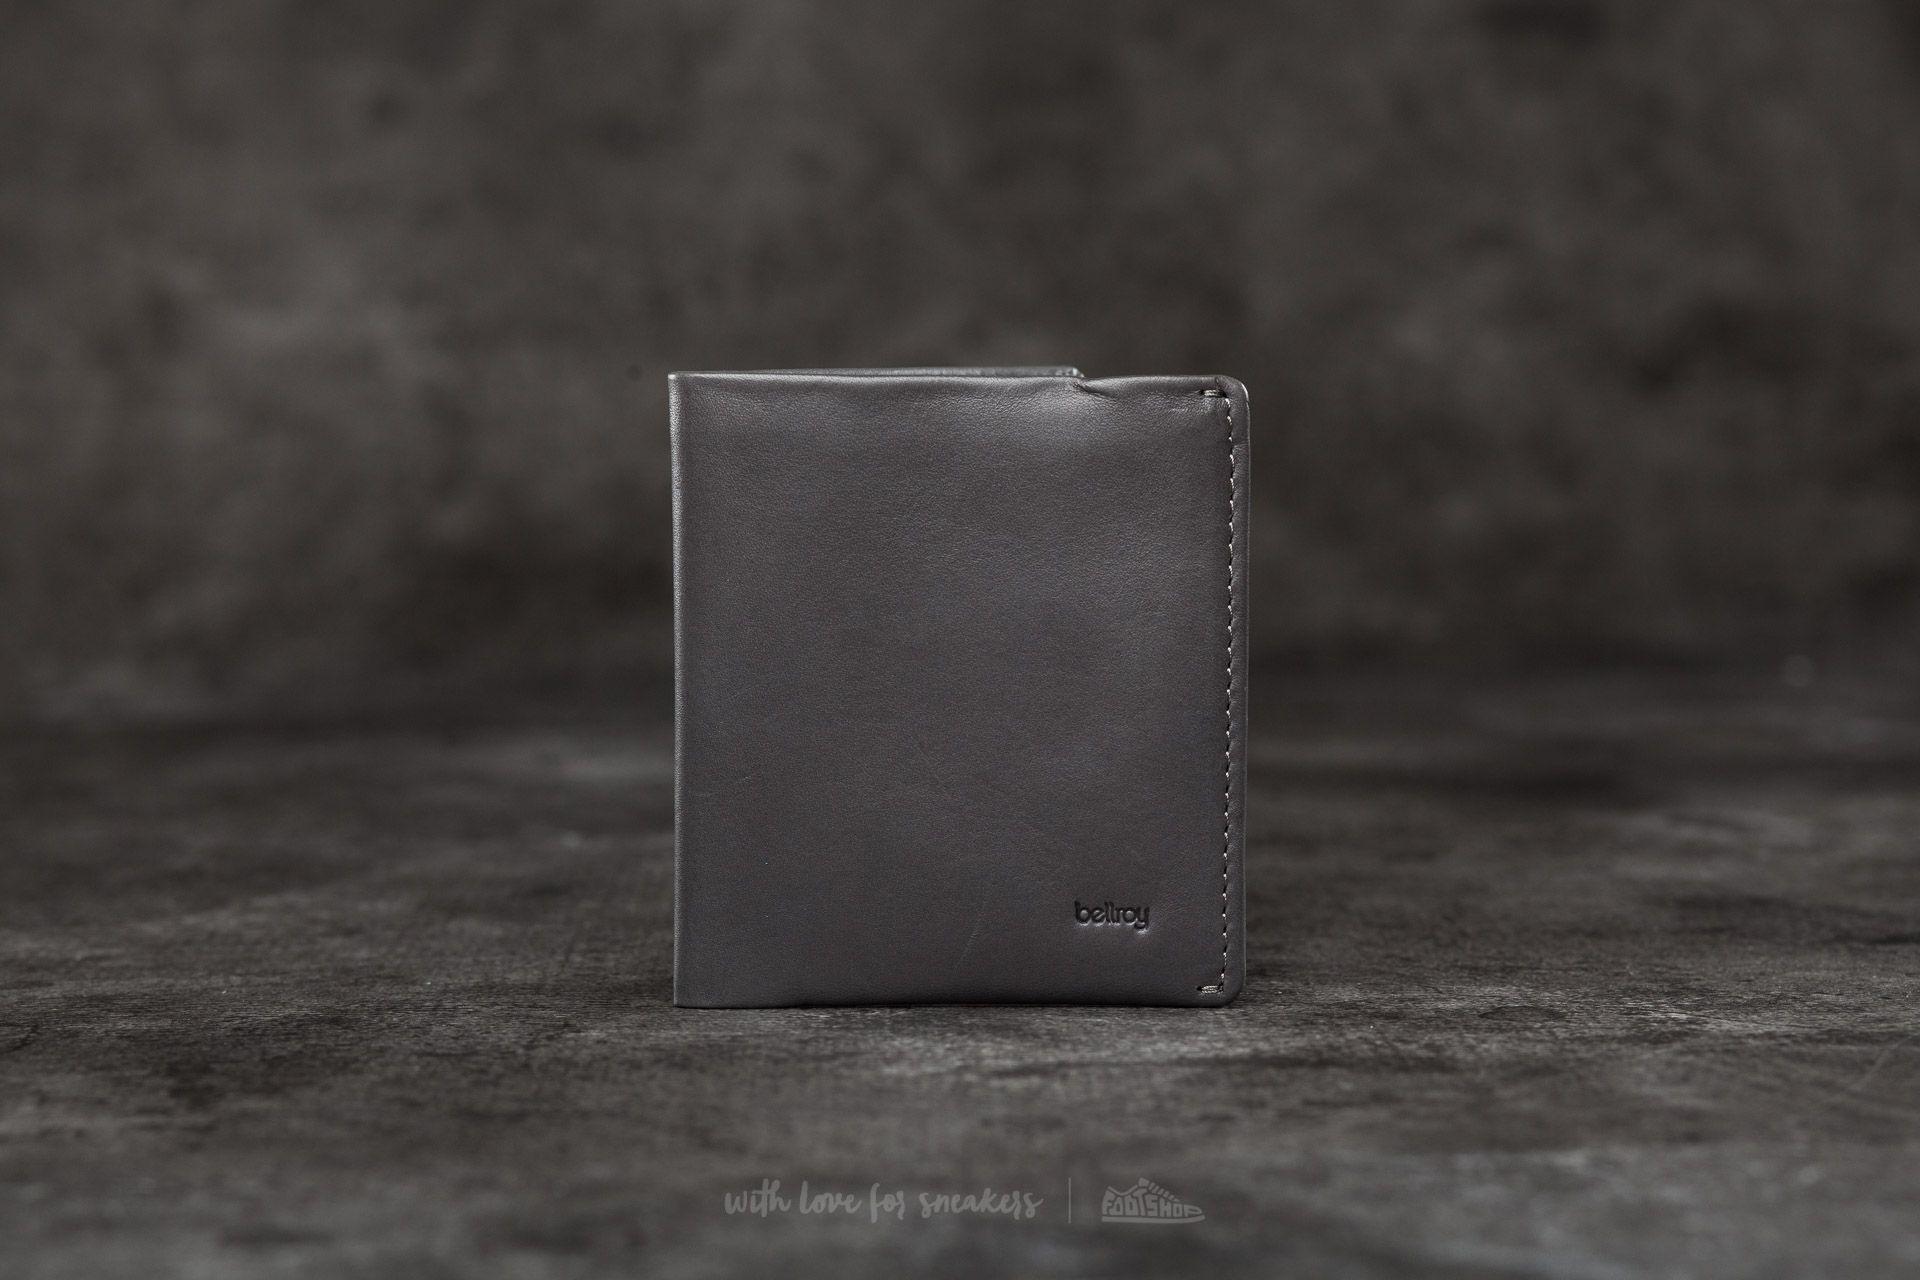 Bellroy Note Sleeve Wallet Charcoal za skvělou cenu 2 490 Kč koupíte na Footshop.cz